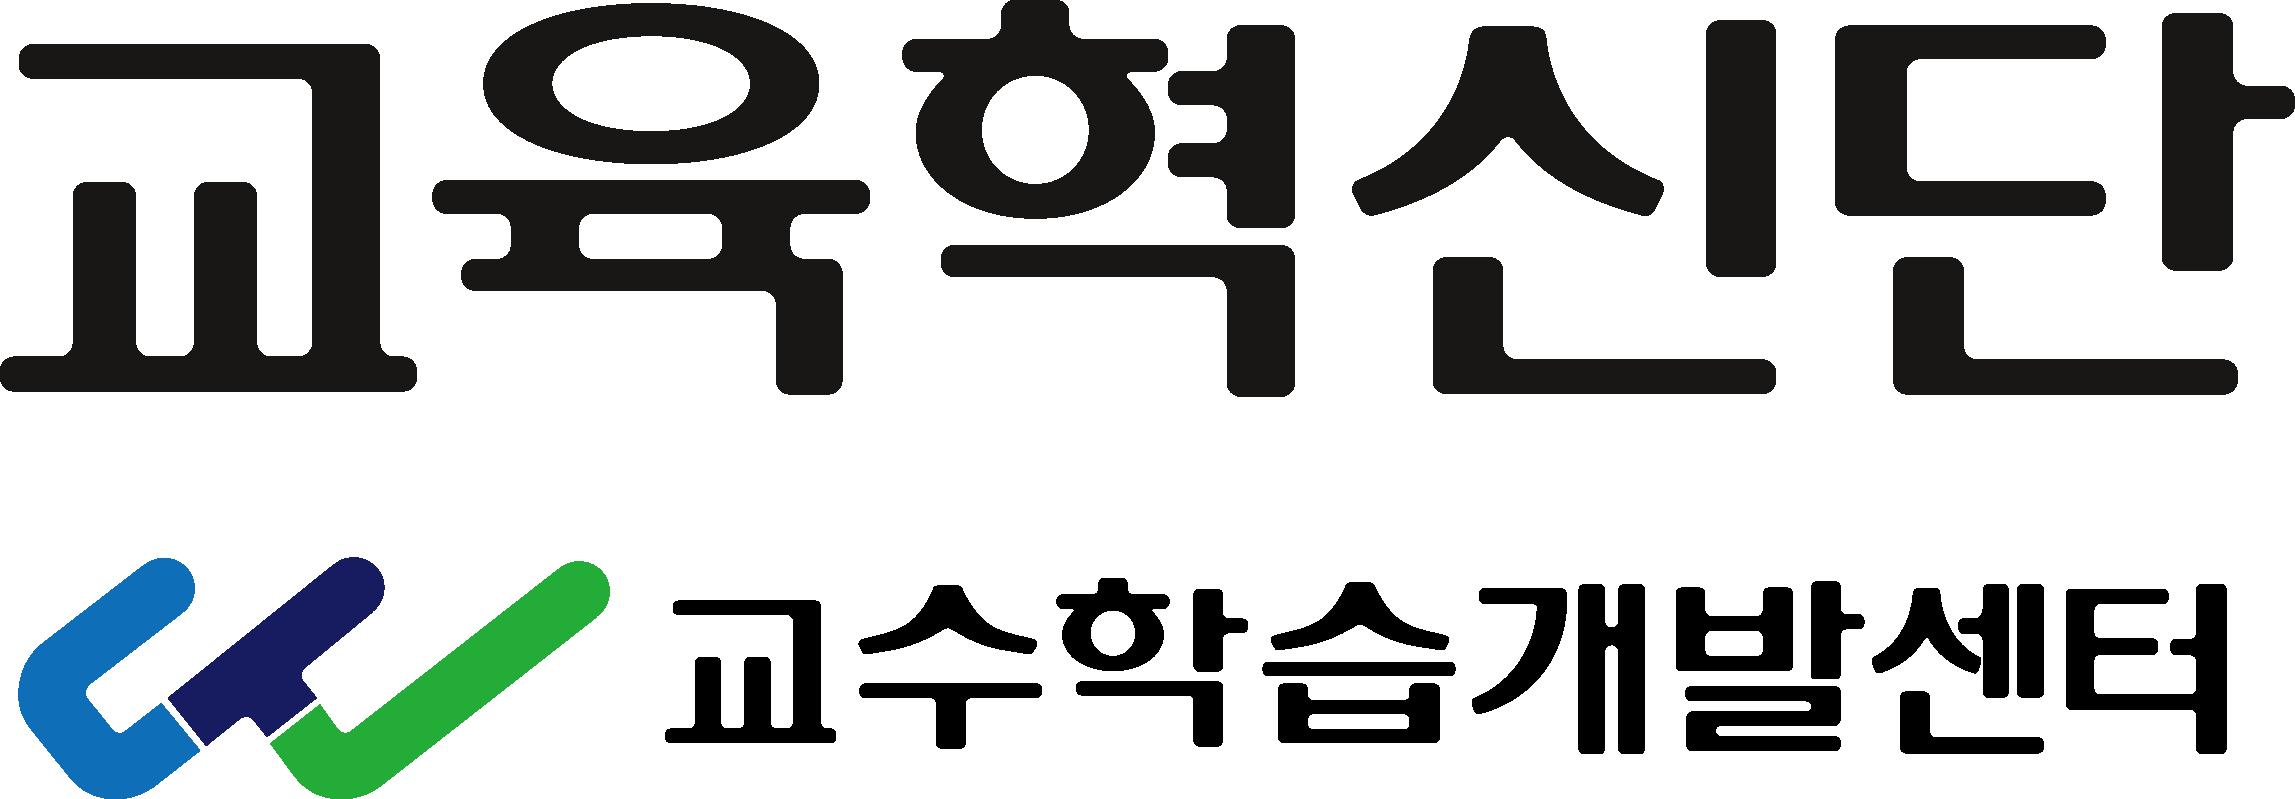 ctl logo.png2